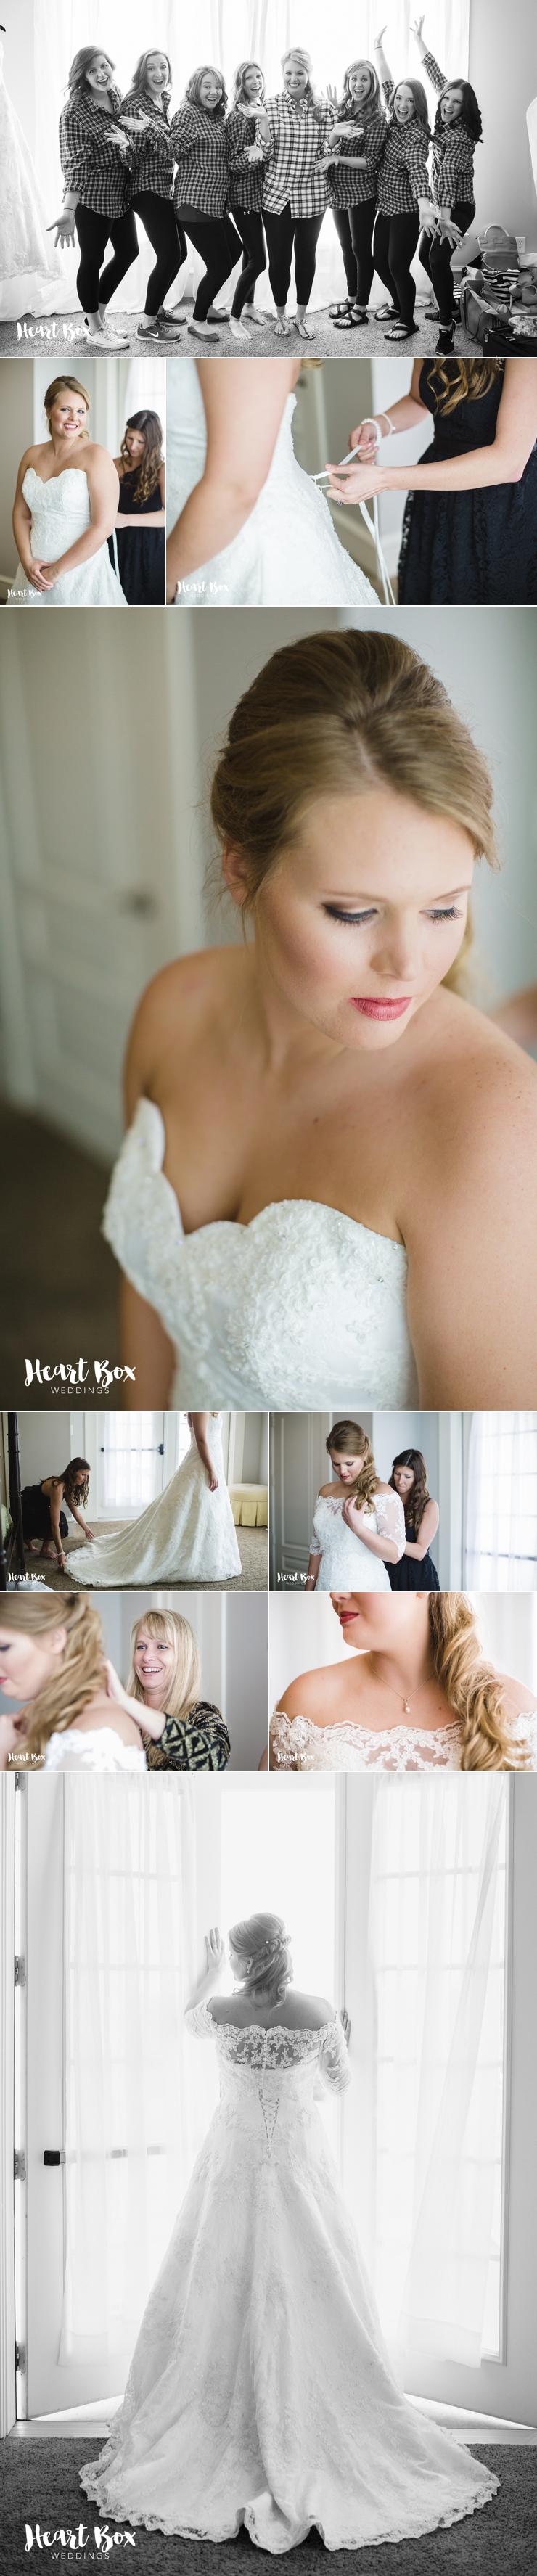 Vanderpool Wedding - Blog Collages 4.jpg